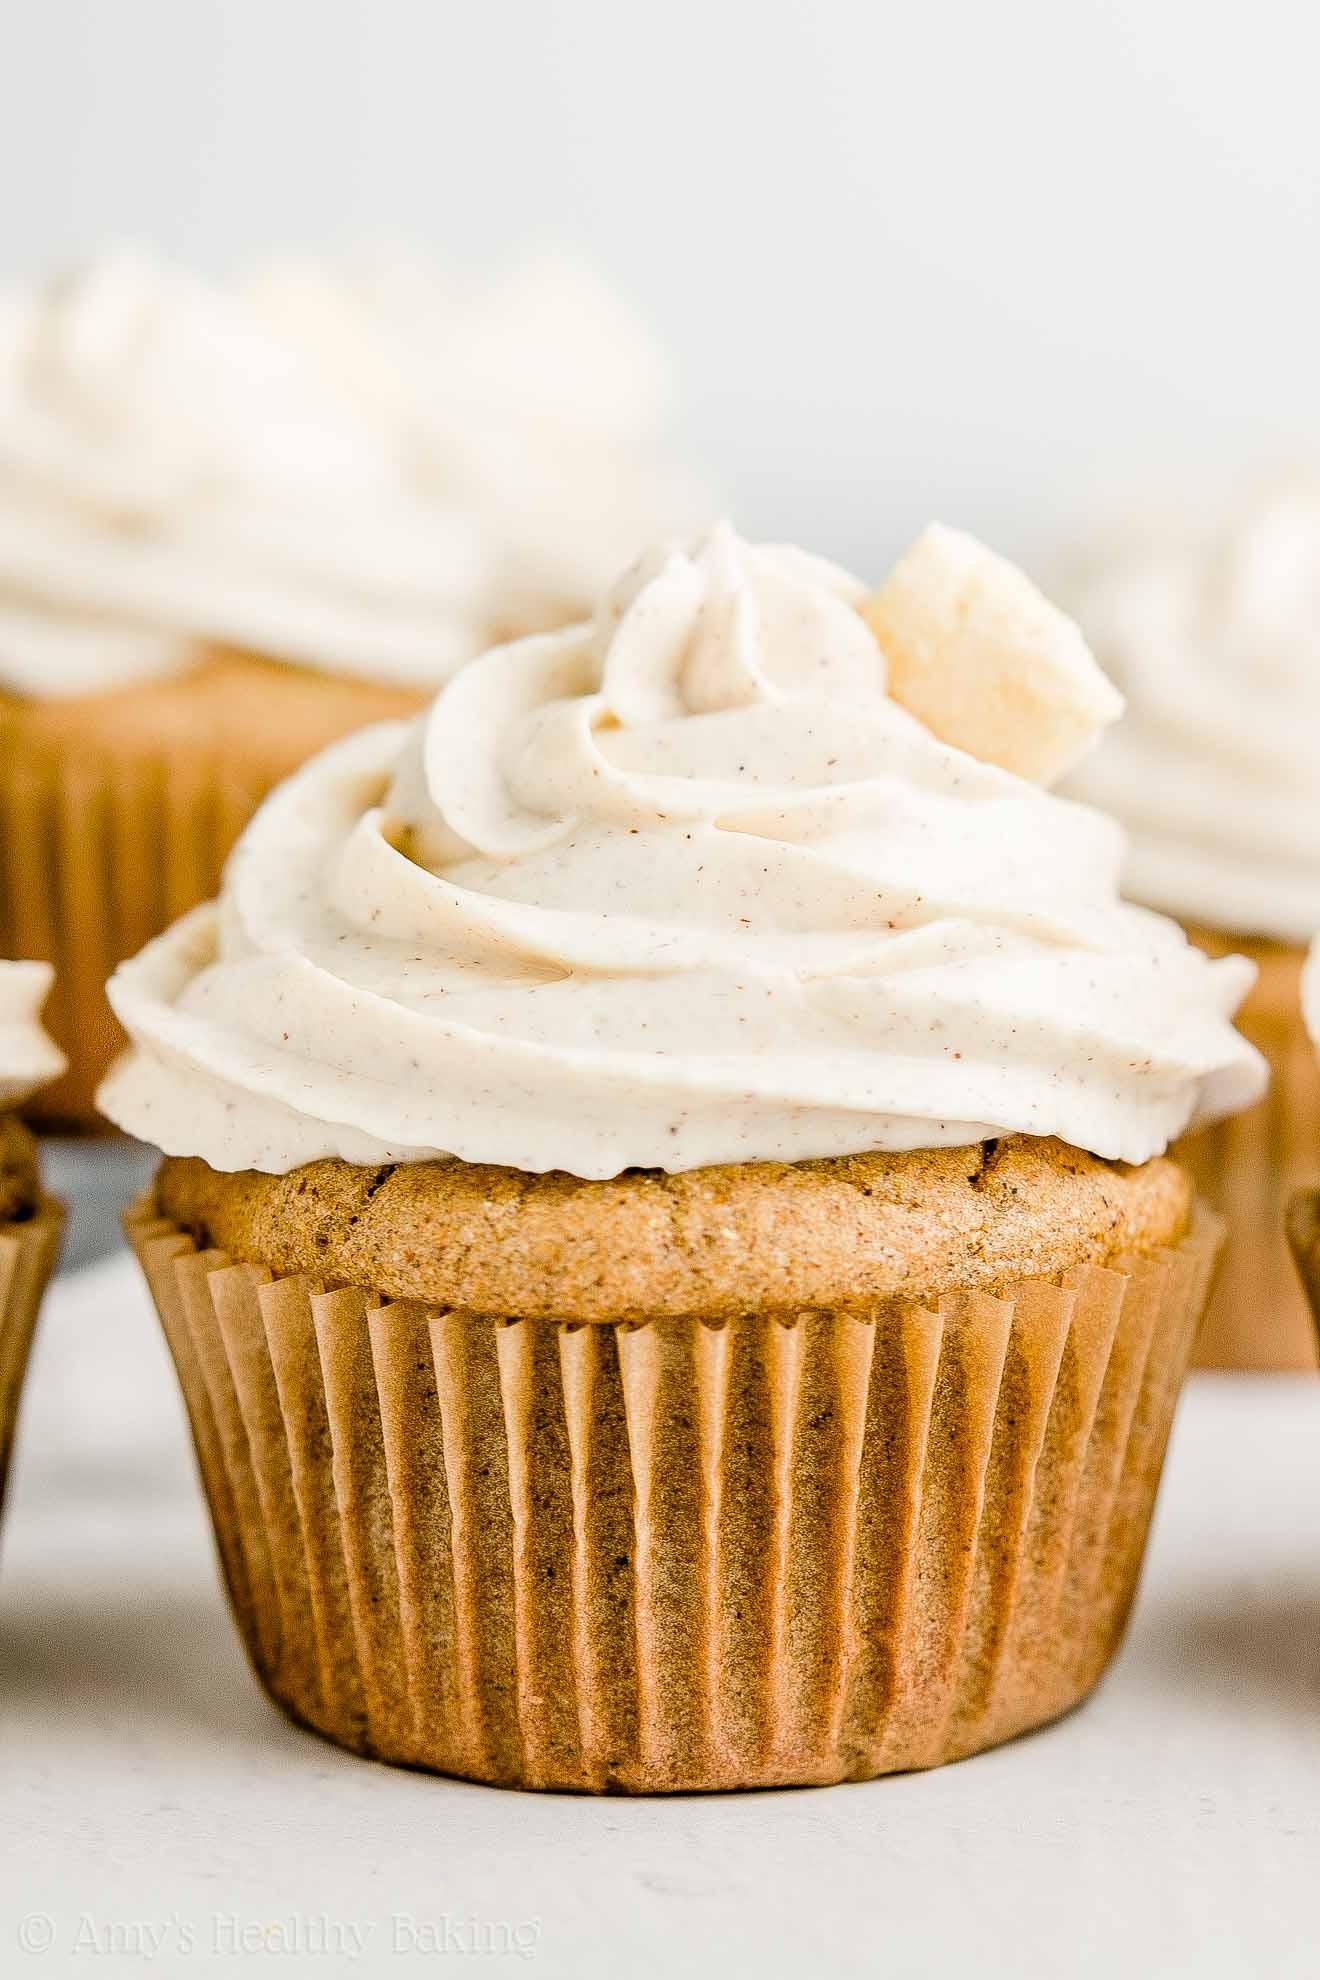 Easy Clean Eating Healthy Cinnamon Apple Cupcakes